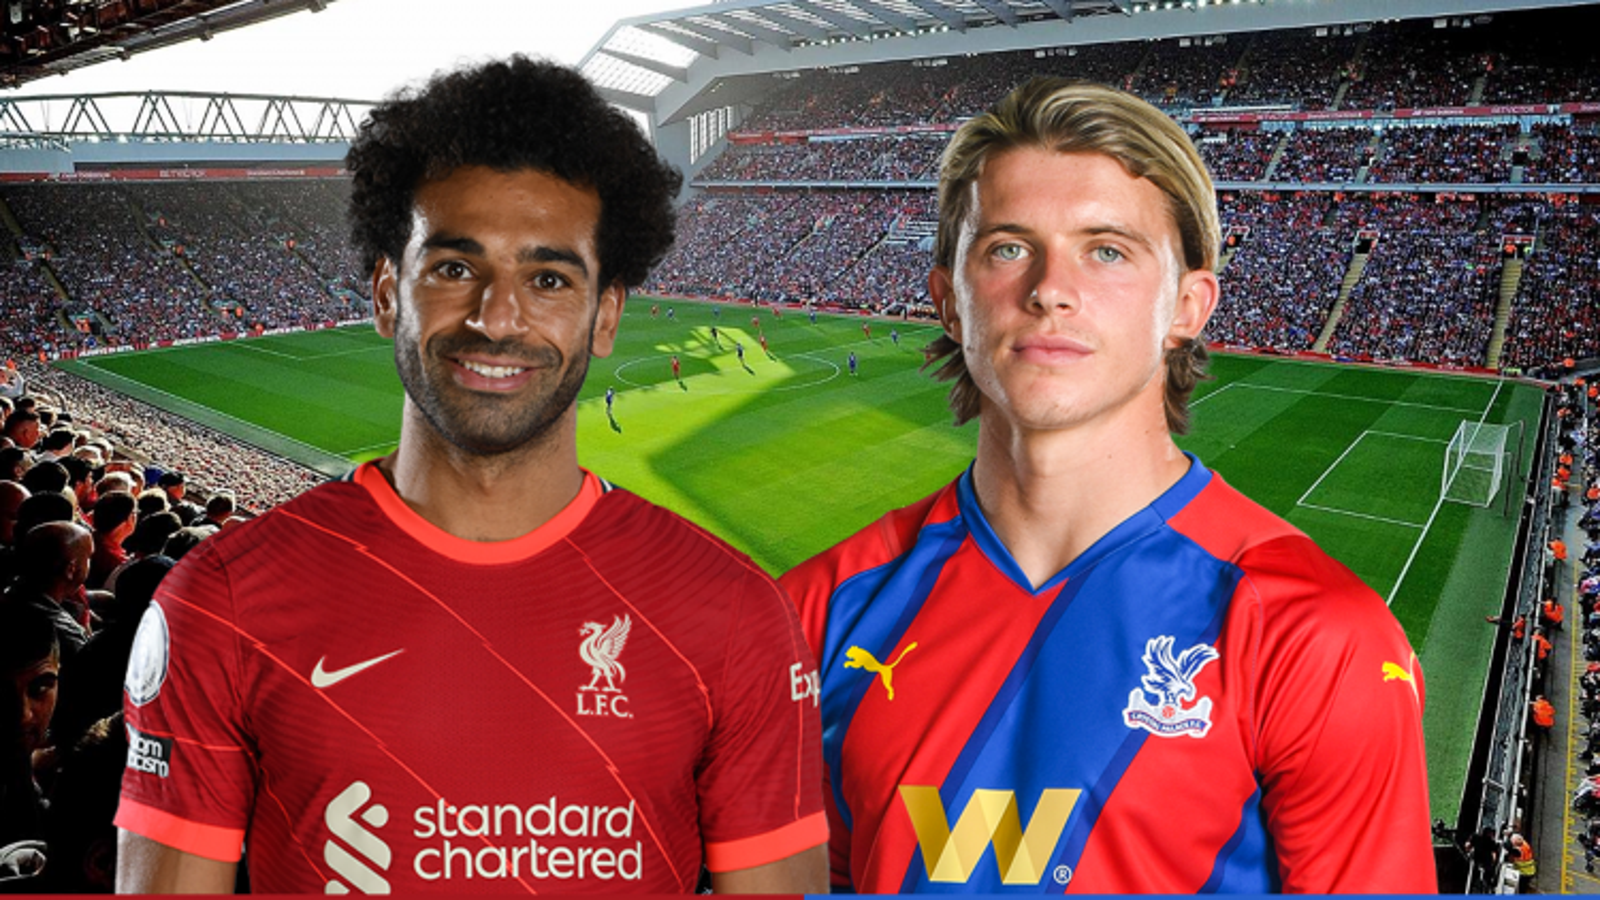 Dự đoán tỷ số, đội hình xuất phát trận Liverpool - Crystal Palace